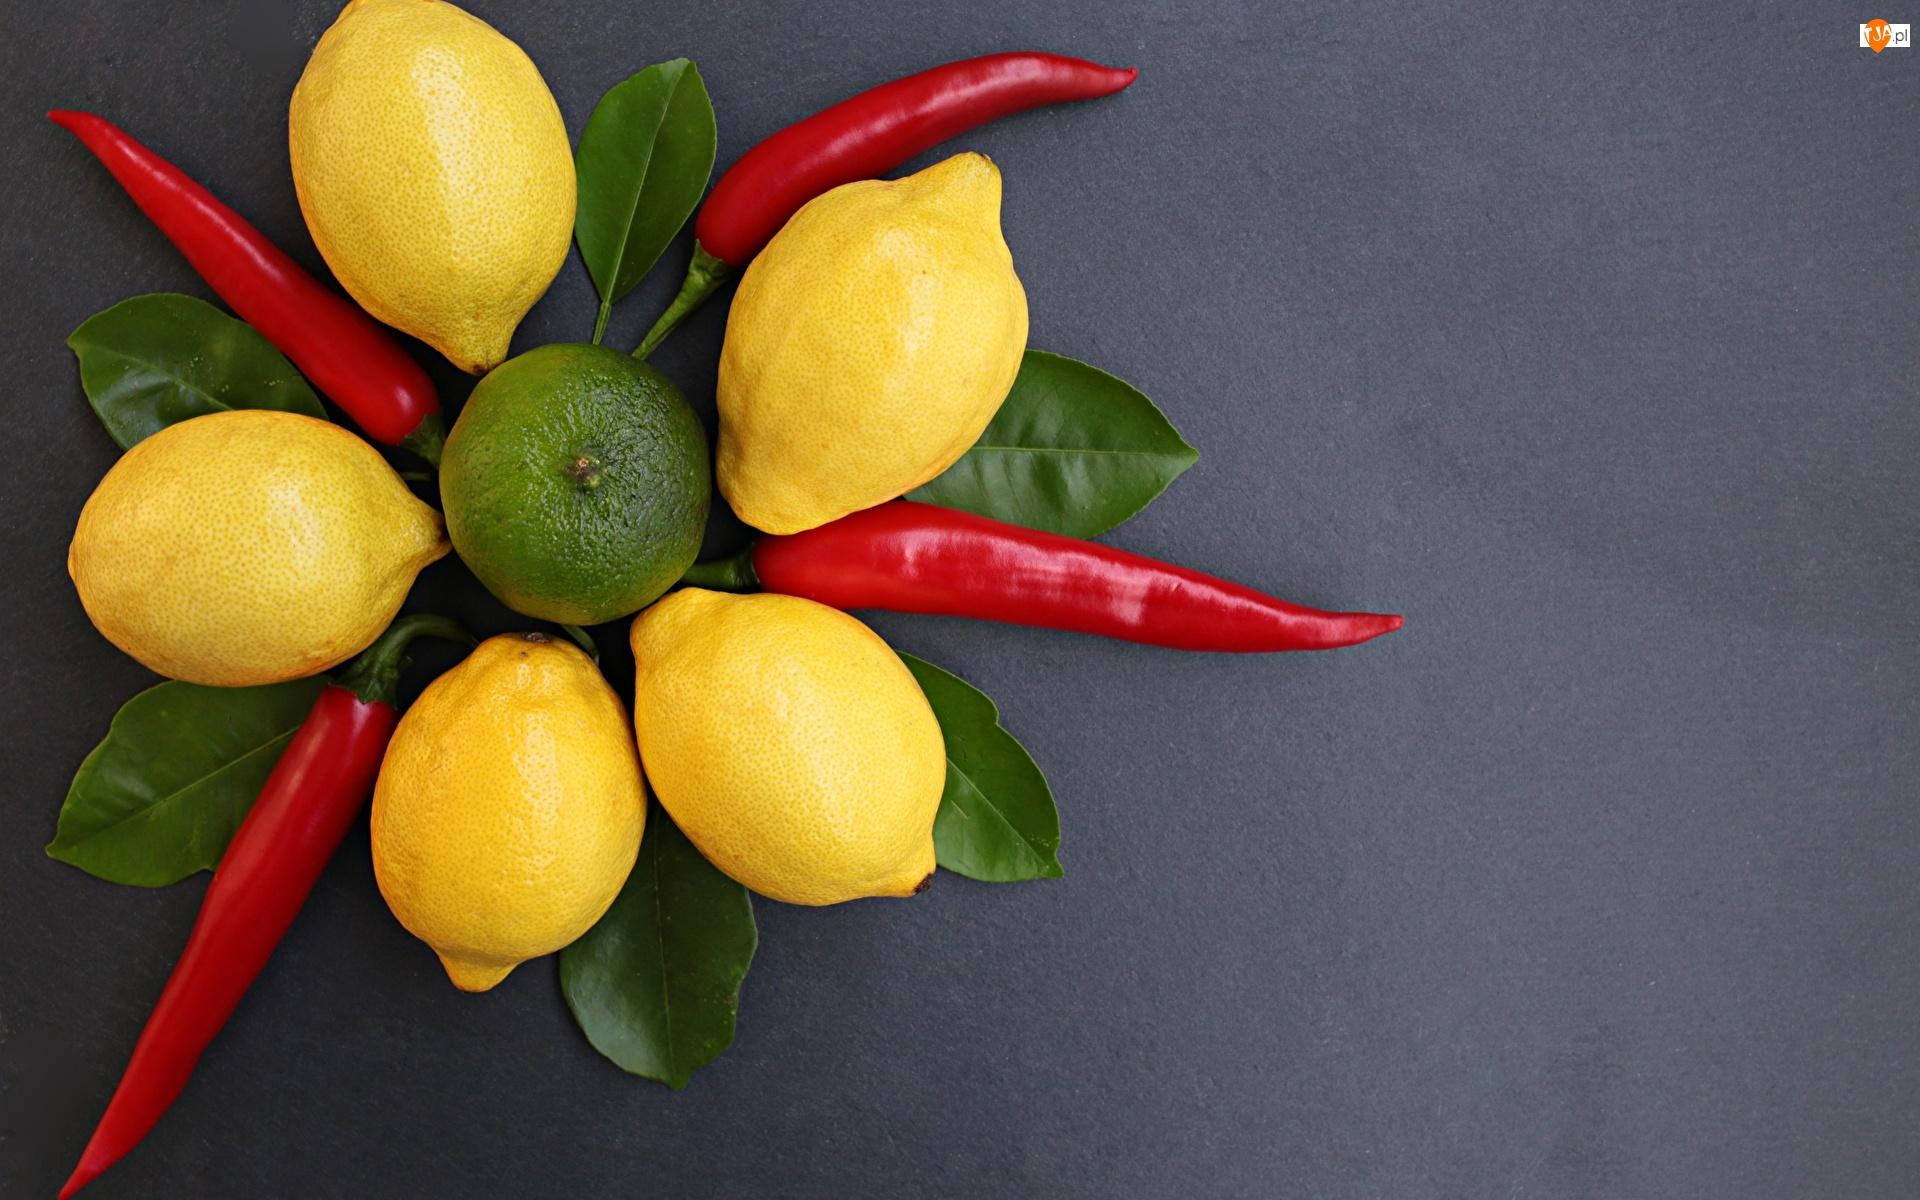 Listki, Cytryny, Papryczki, Chili